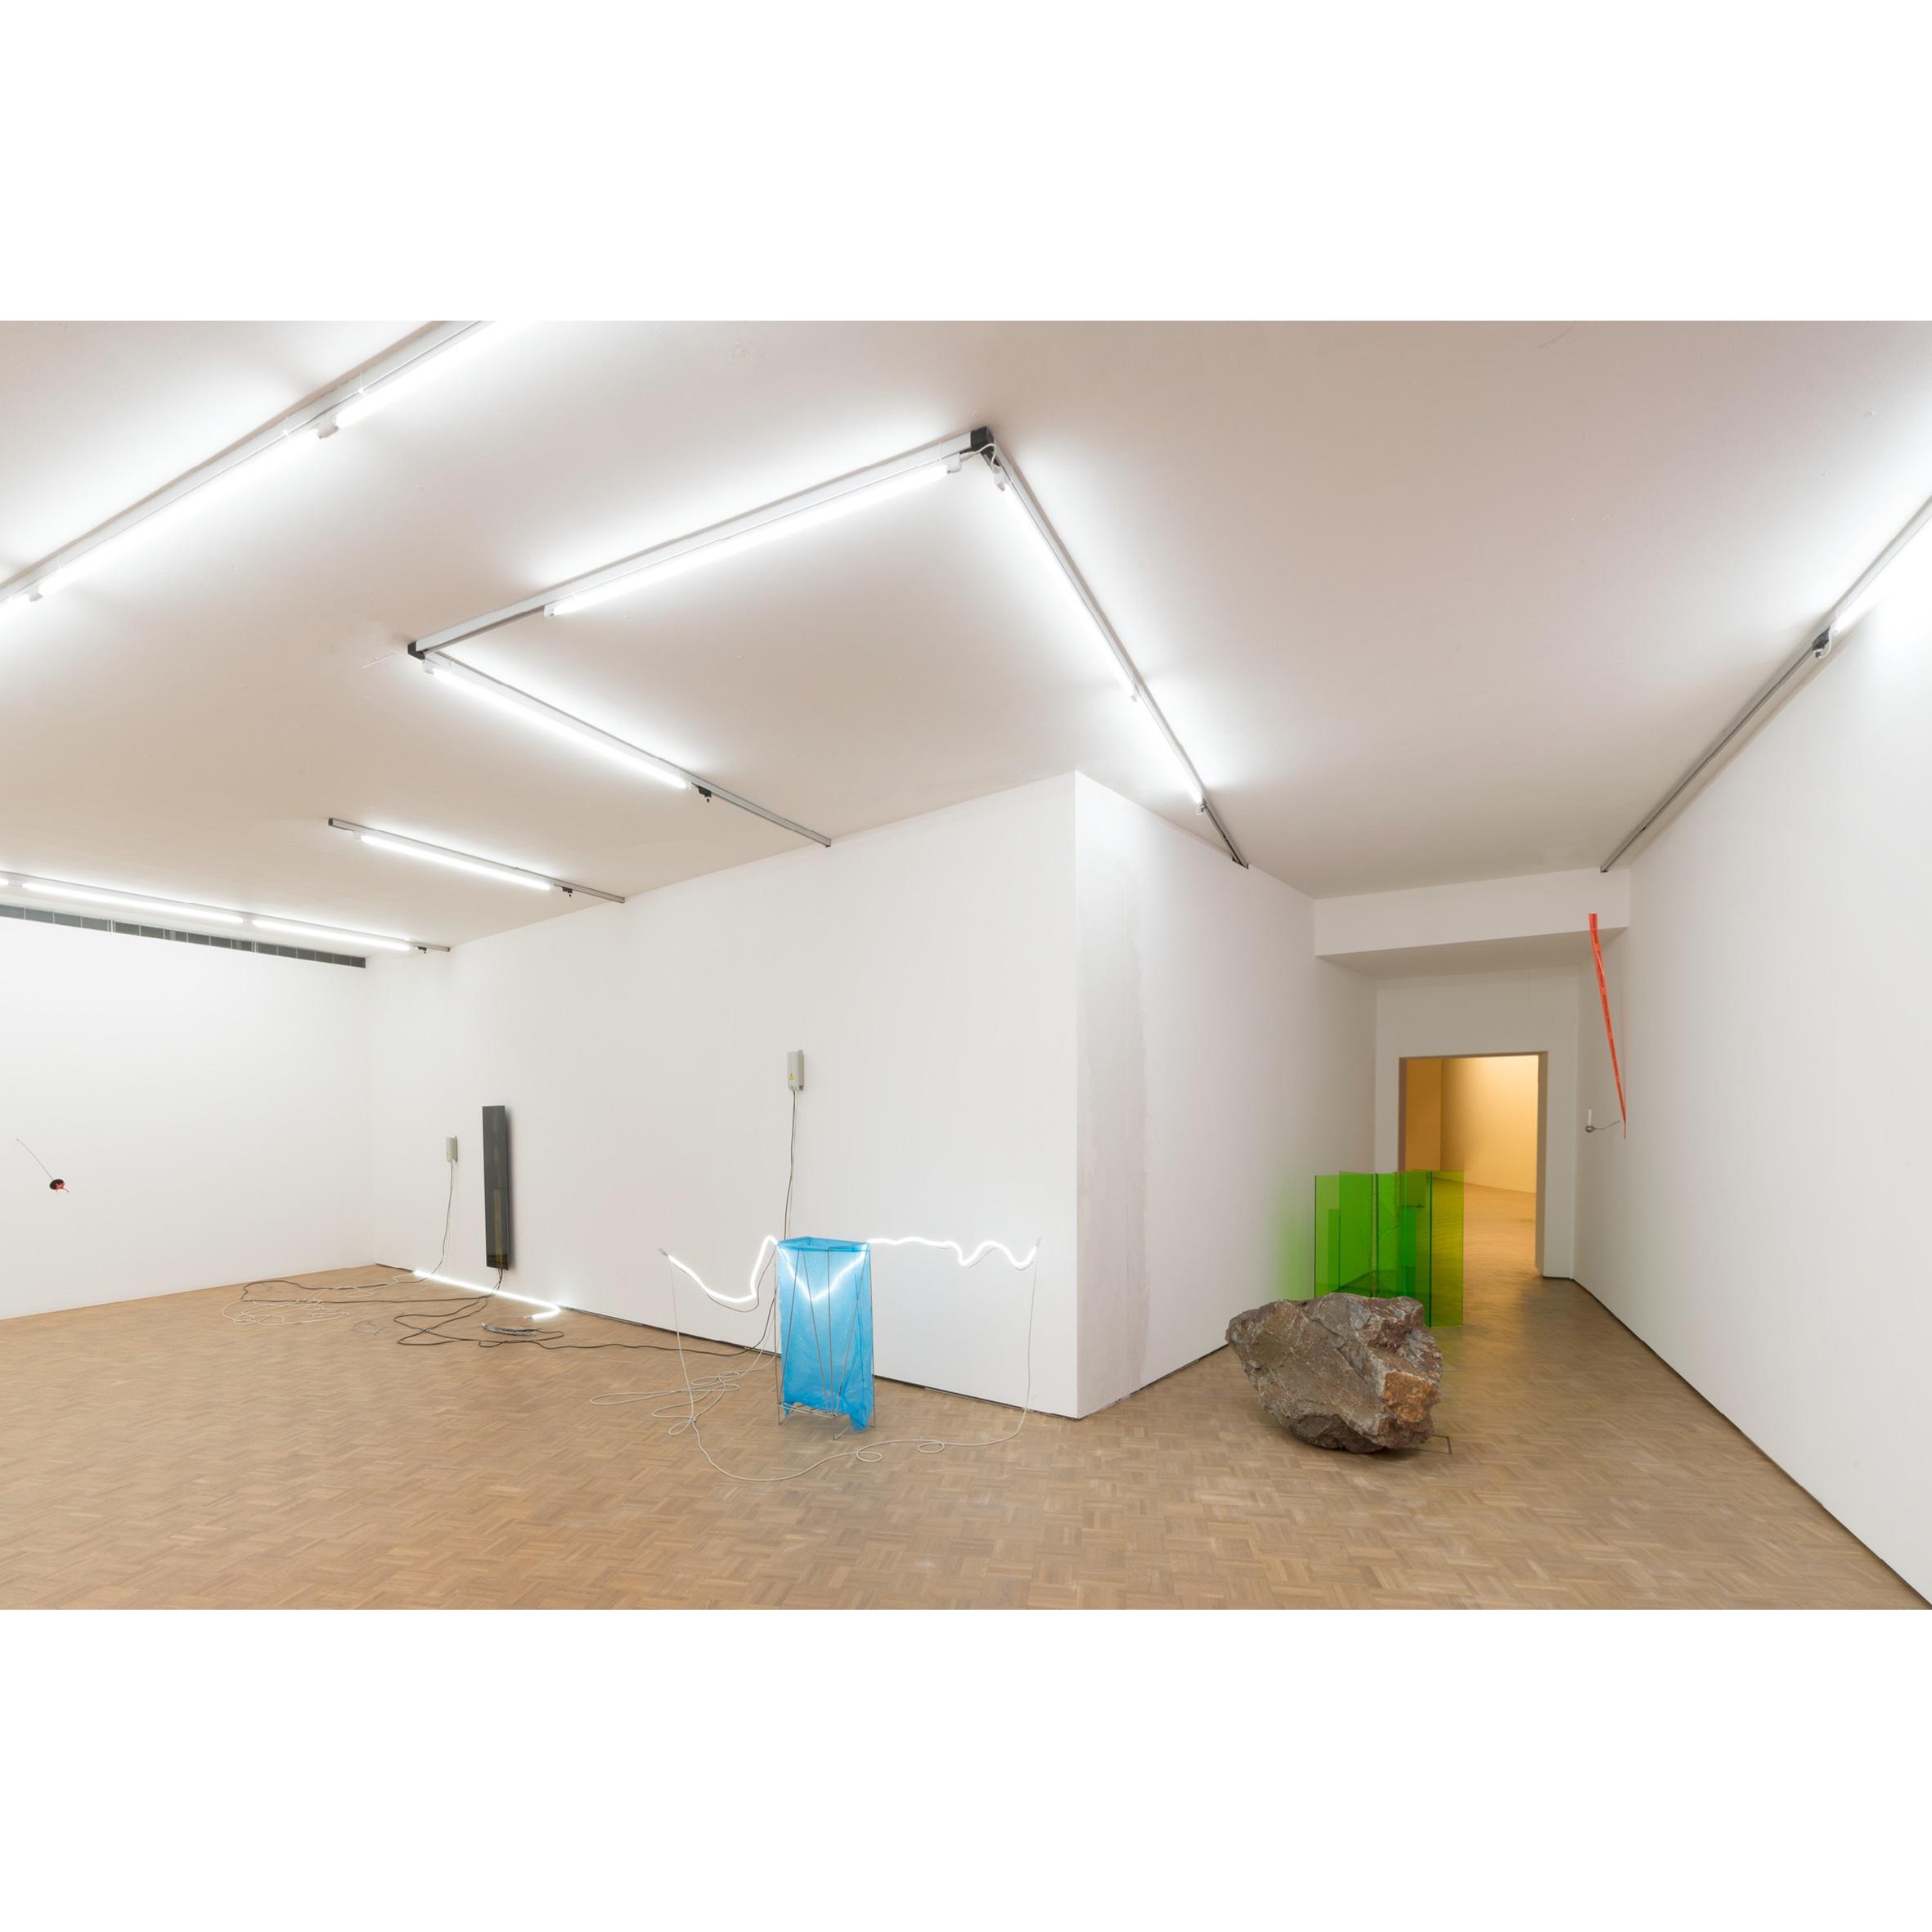 <p>De installatie van Noor van Imhoff begint in de paars verlichte personenlift die sterk contrasteert met de felgroene expositiezaal Beeld Sanne van Hecke</p>